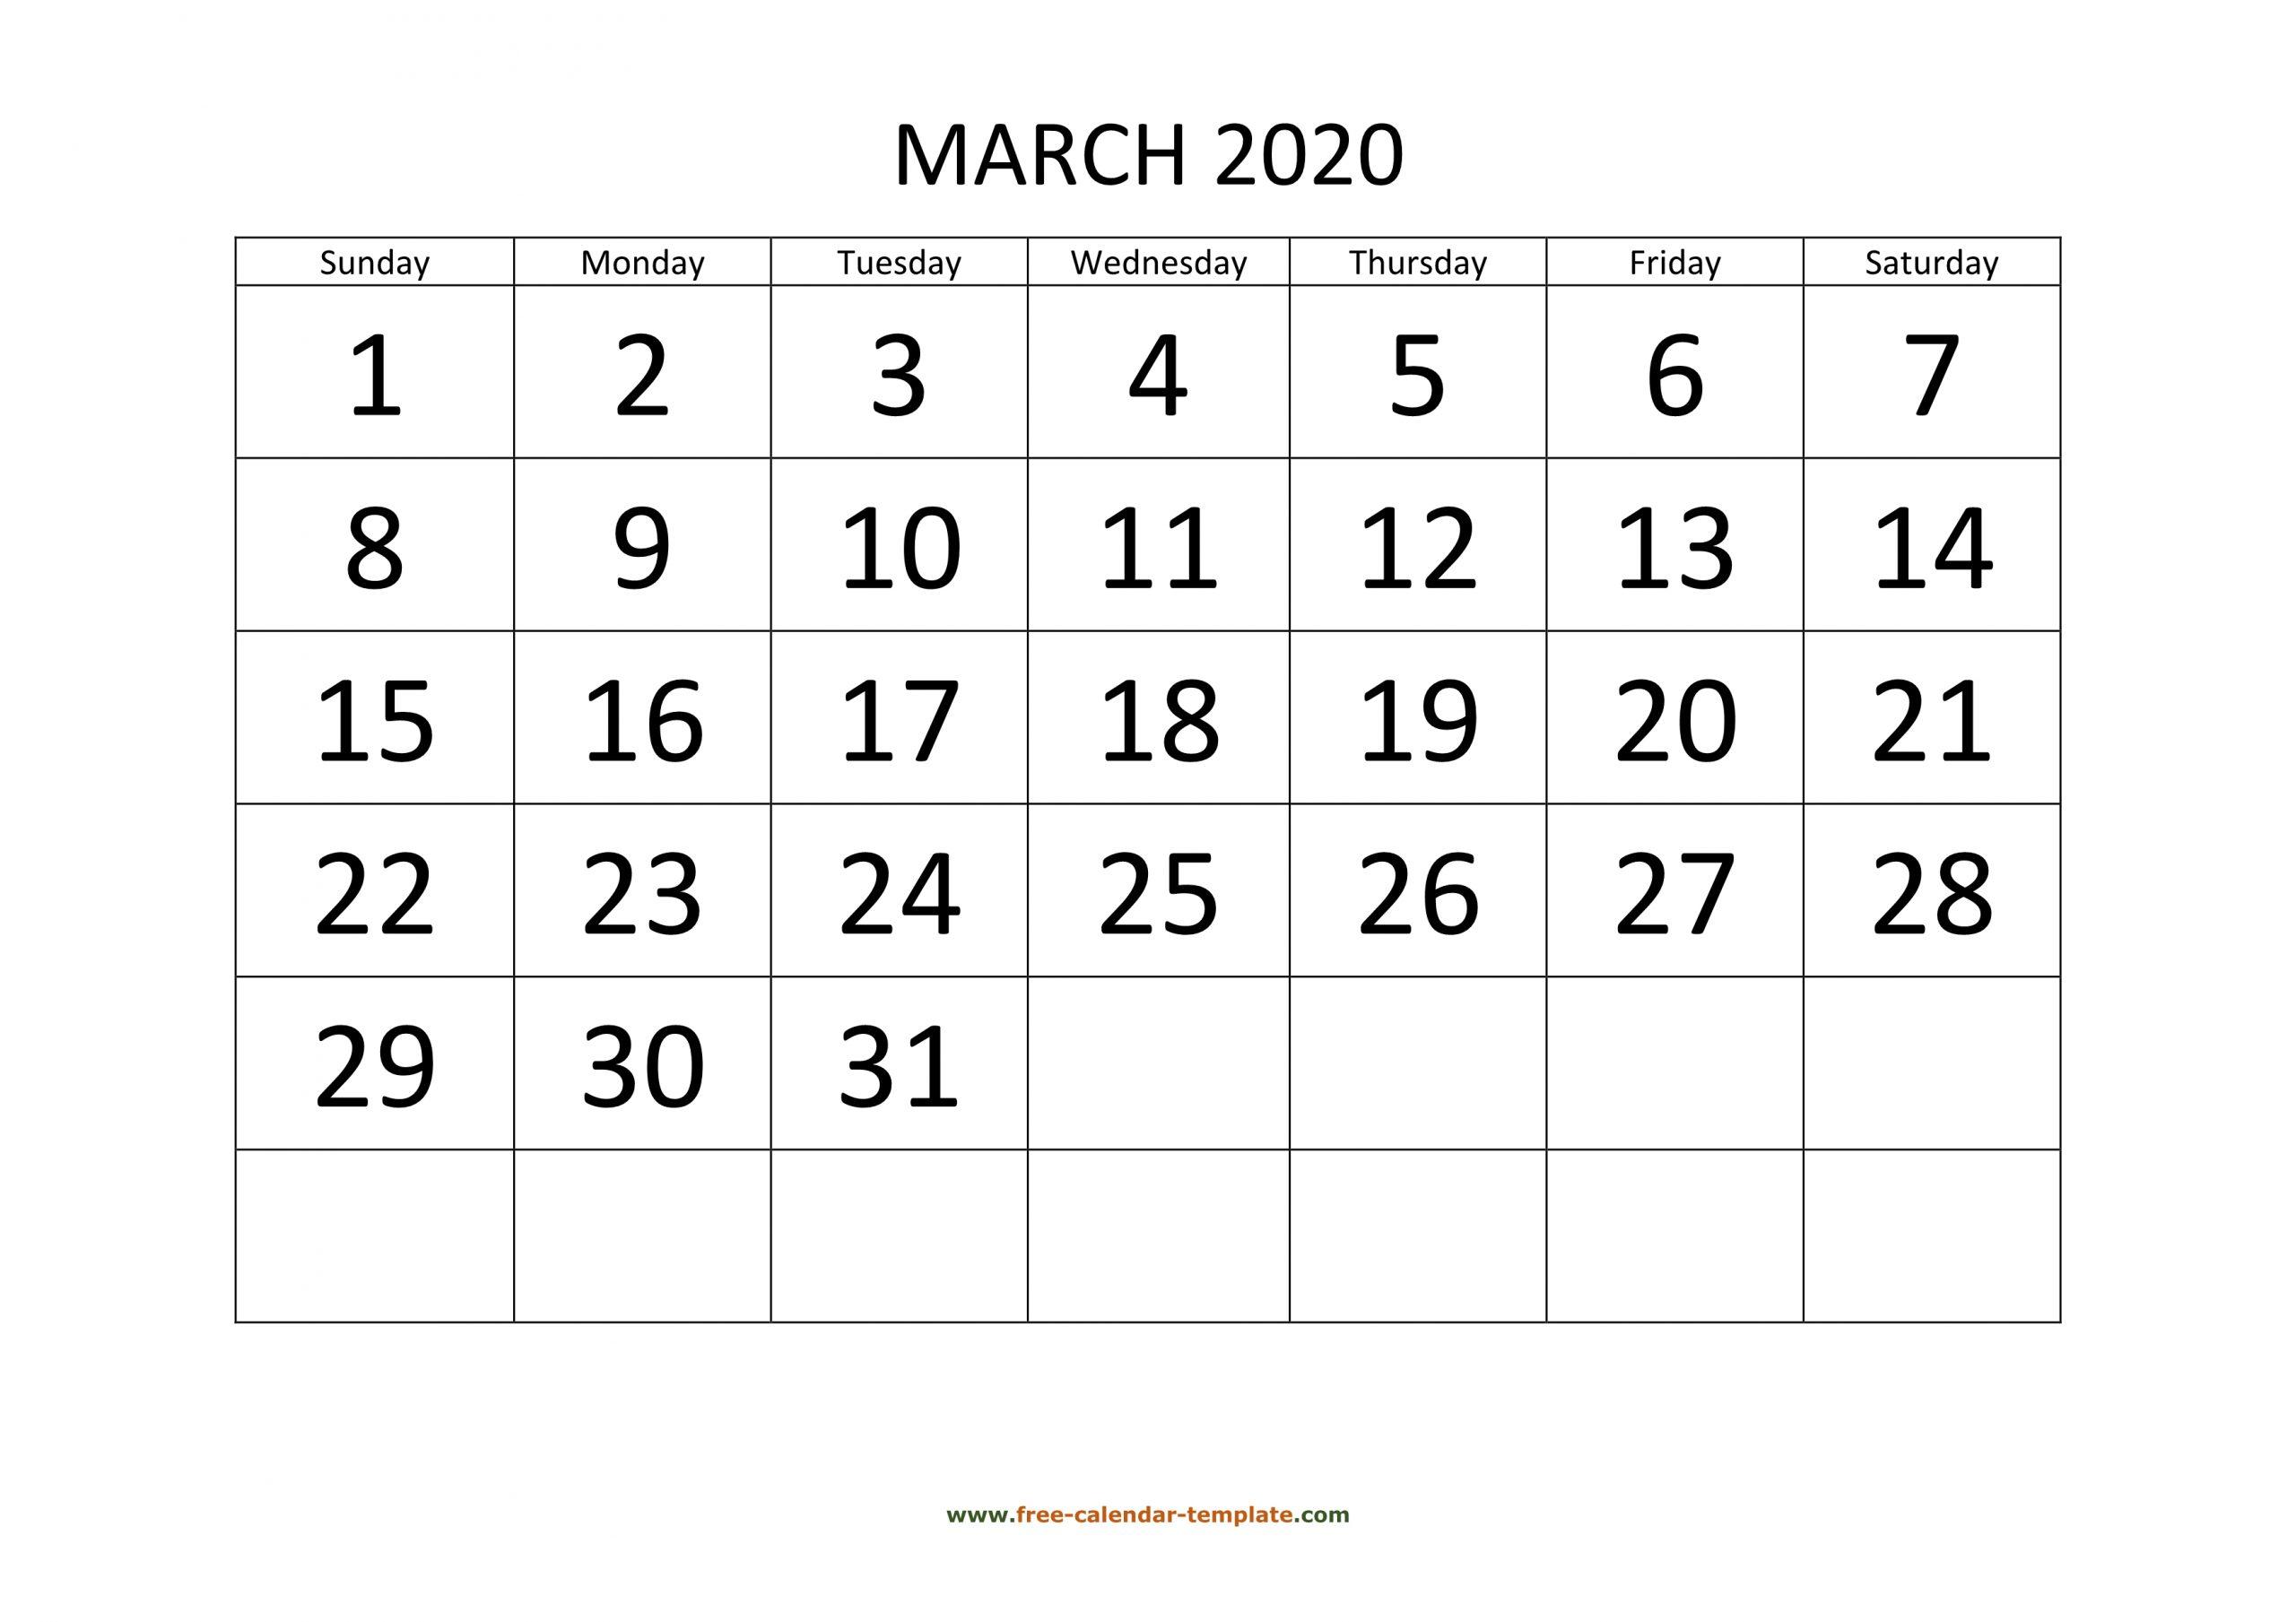 March 2020 Free Calendar Tempplate | Free-Calendar-Template